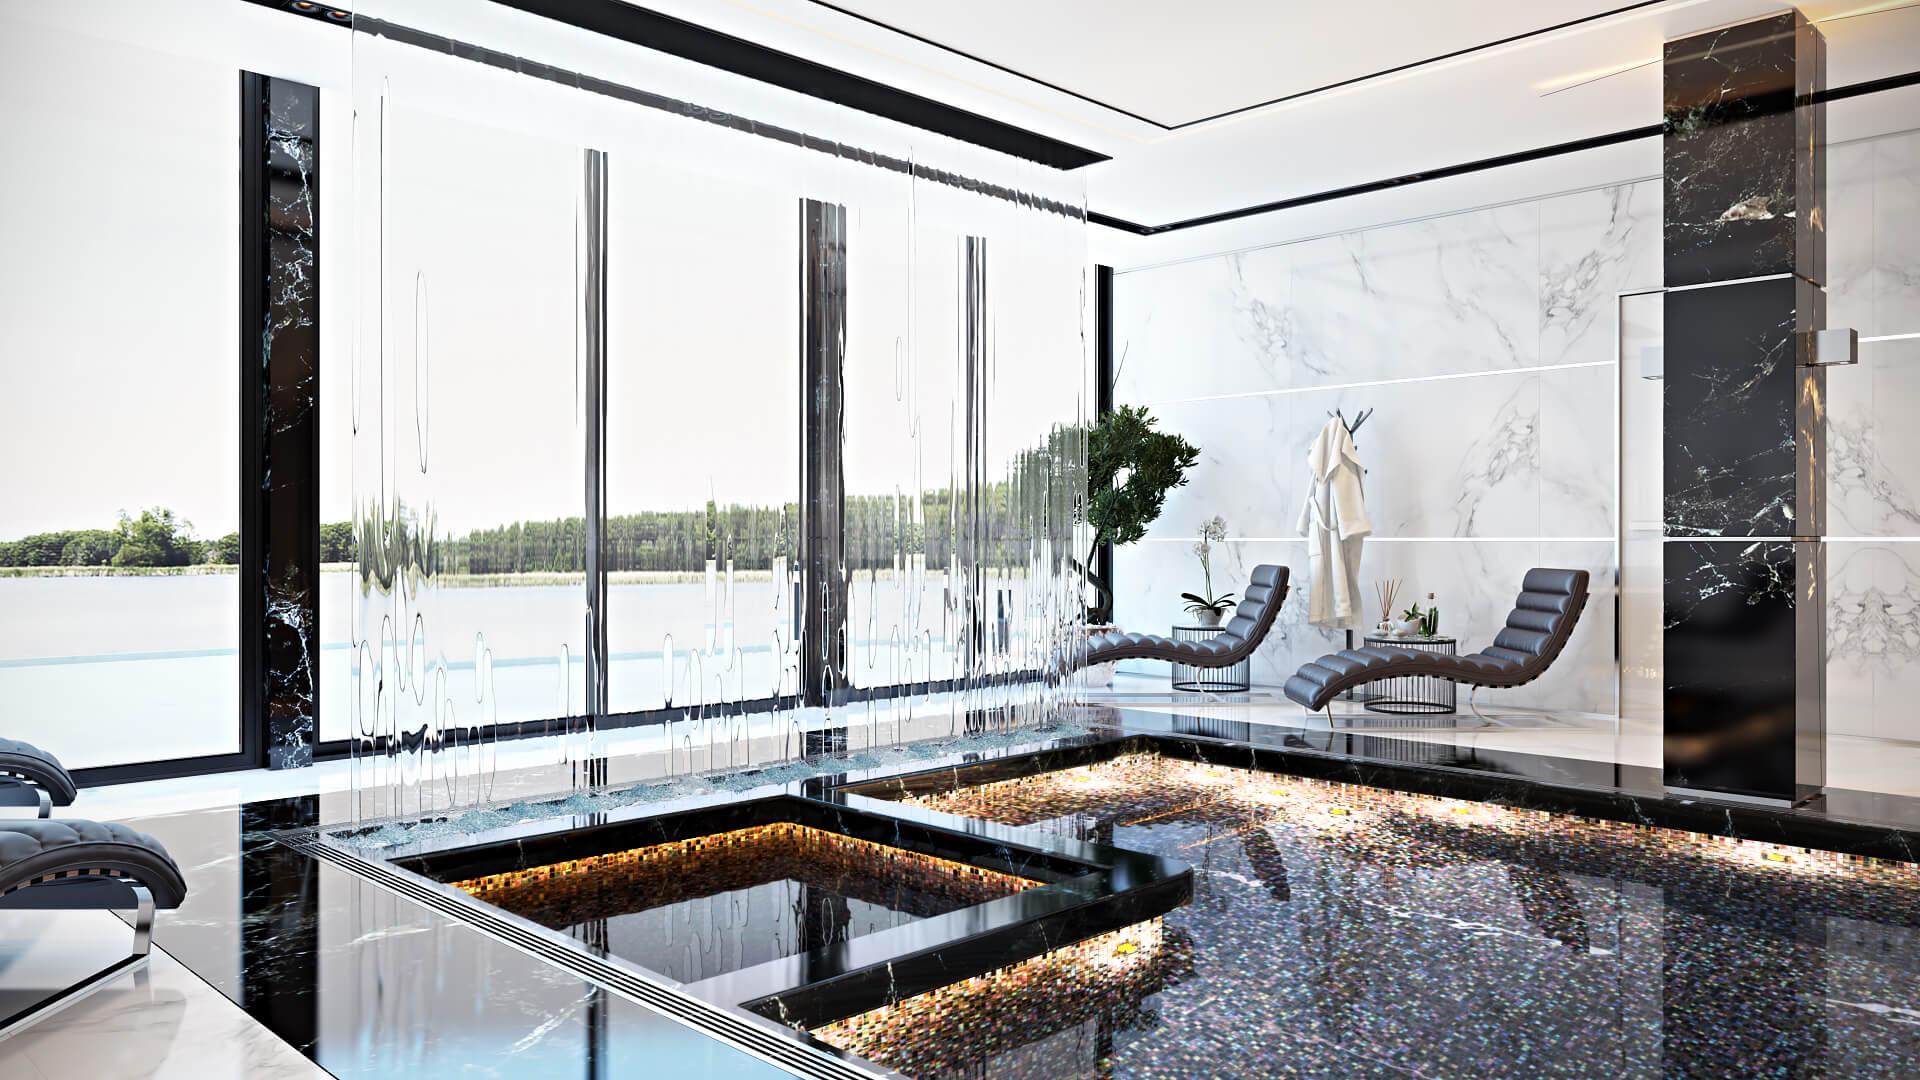 Незабываемый дизайн бассейна для роскошного отдыха с панорамным окном Вид02